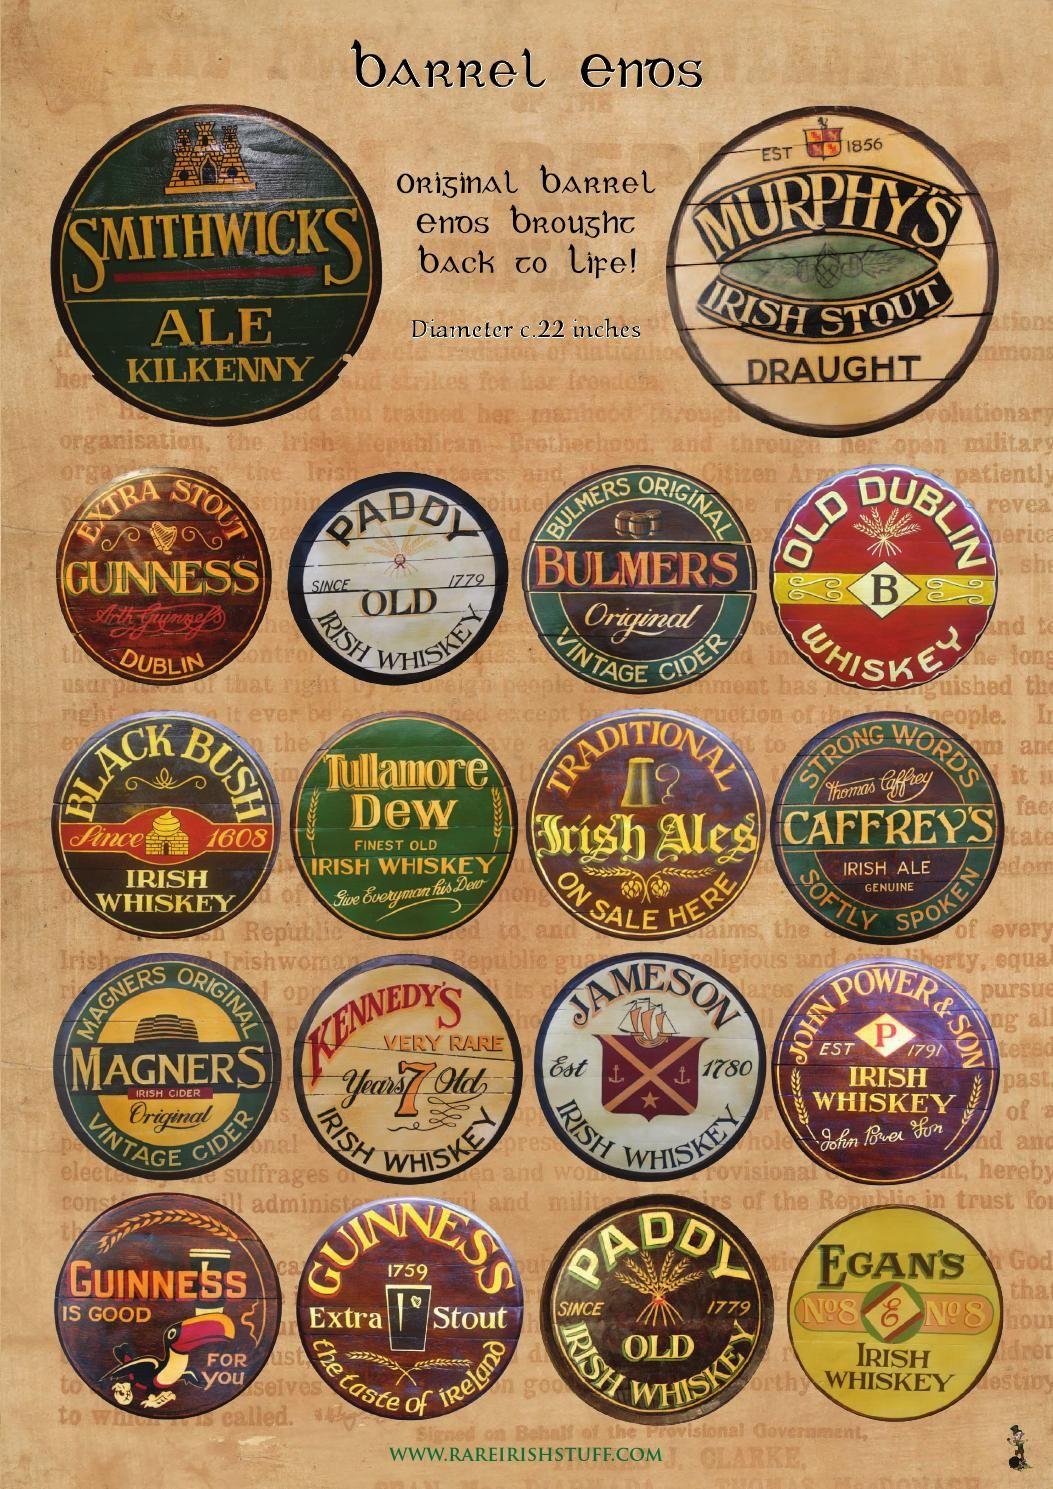 Irish Pub Decor Catalogue 2014 | Irish pub decor, Pub ...